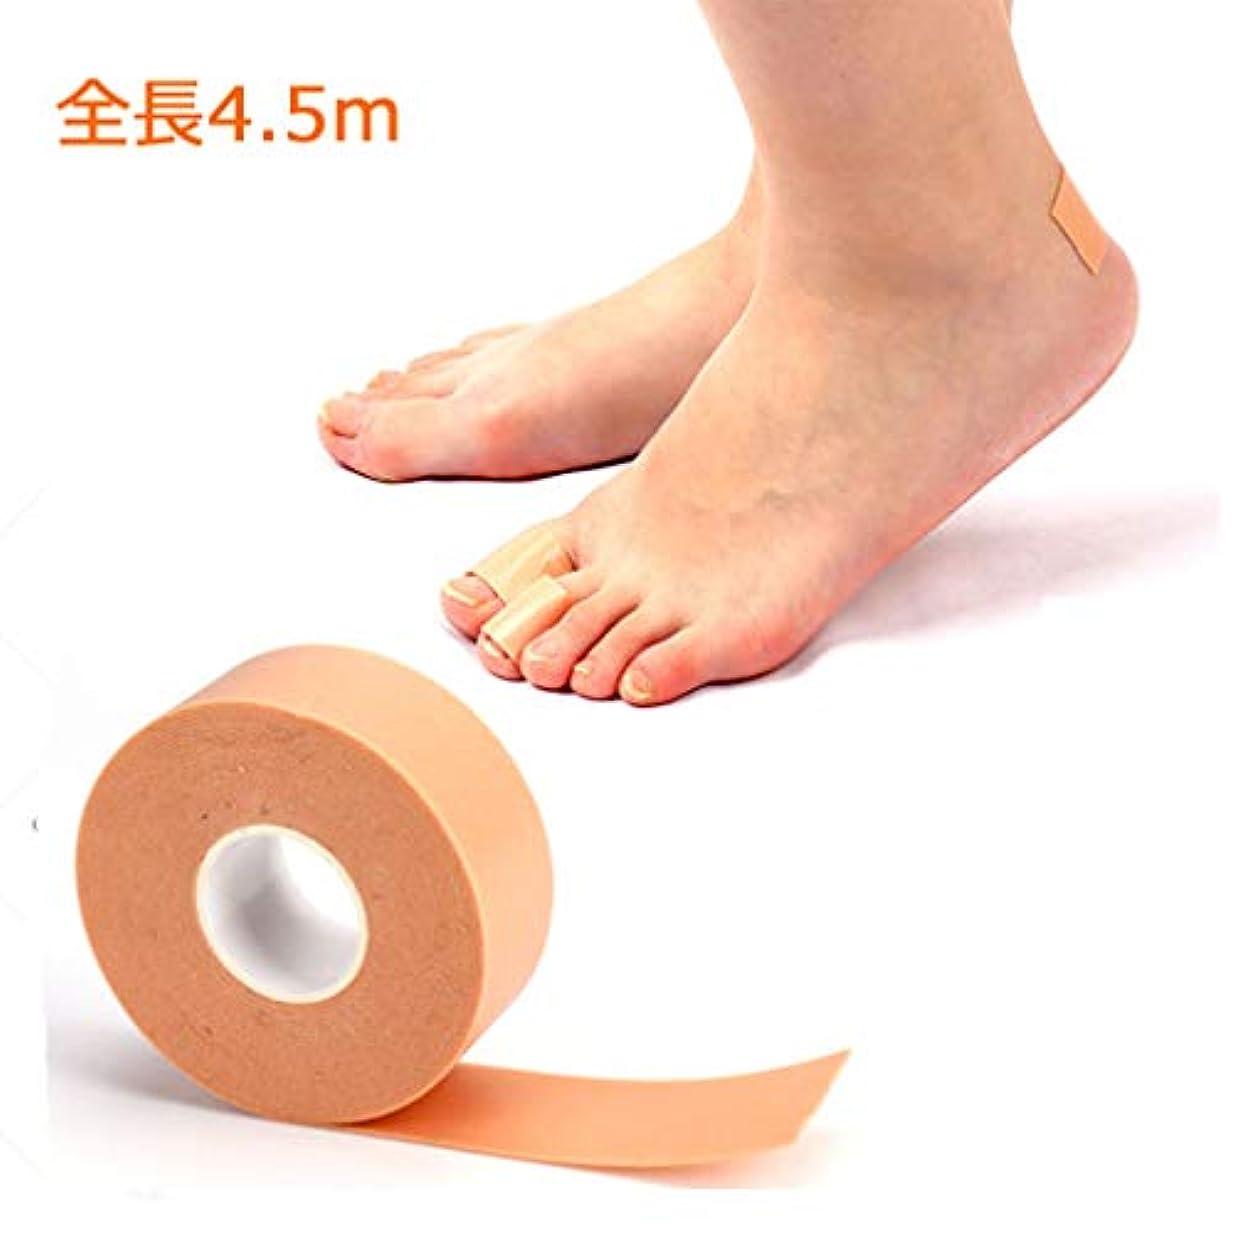 民族主義保護永久IGUGHI 靴擦れ防止パッド かかとパッド 靴ずれ予防テープ テープ 防水素材 粘着 幅2.5cm×長5m 保護テープ 足用保護パッド 男女兼用